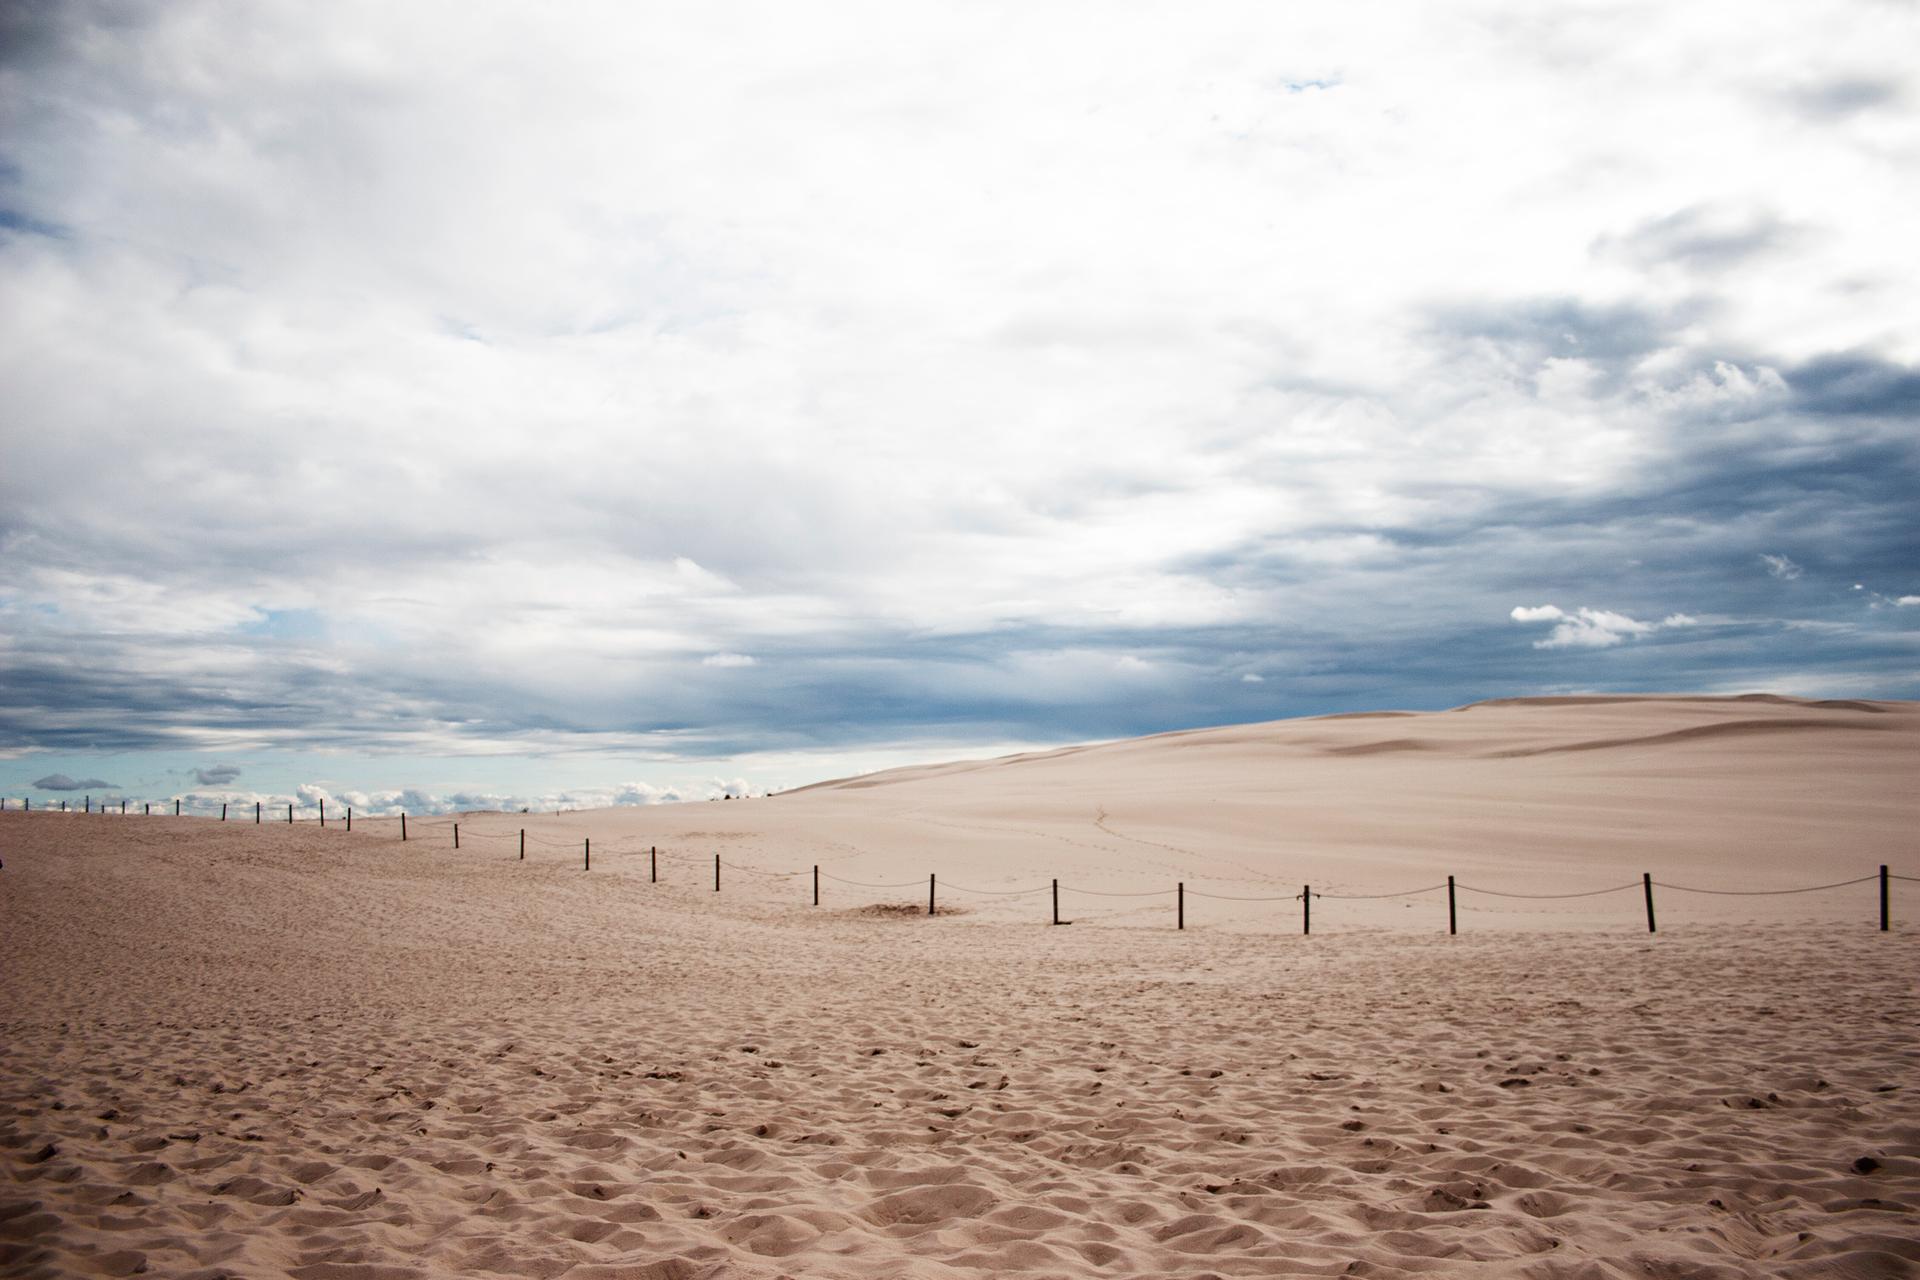 Fotografia przedstawia piaszczyste wydmy pod zachmurzonym niebem. To ruchome wydmy wSłowińskim Parku Narodowym. Przez wydmy biegnie ogrodzenie zpalików.